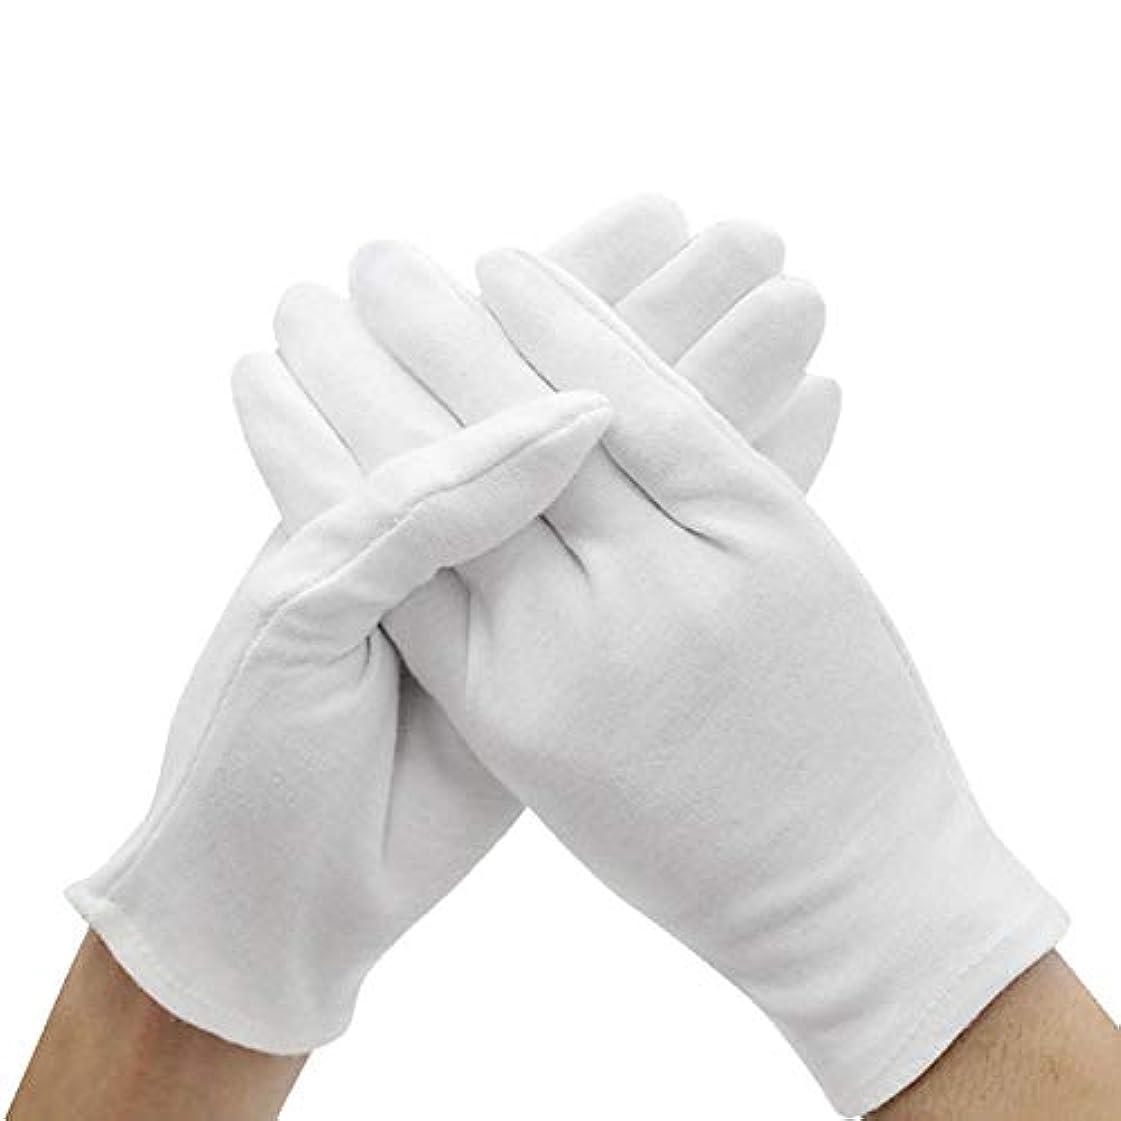 ラバ蒸し器任命コットン手袋 綿 手荒れ予防 【湿疹用 乾燥肌用 保湿用 礼装用】純綿100% 白手袋 作業用 インナー手袋,ワンサイズ,エチケットの機会